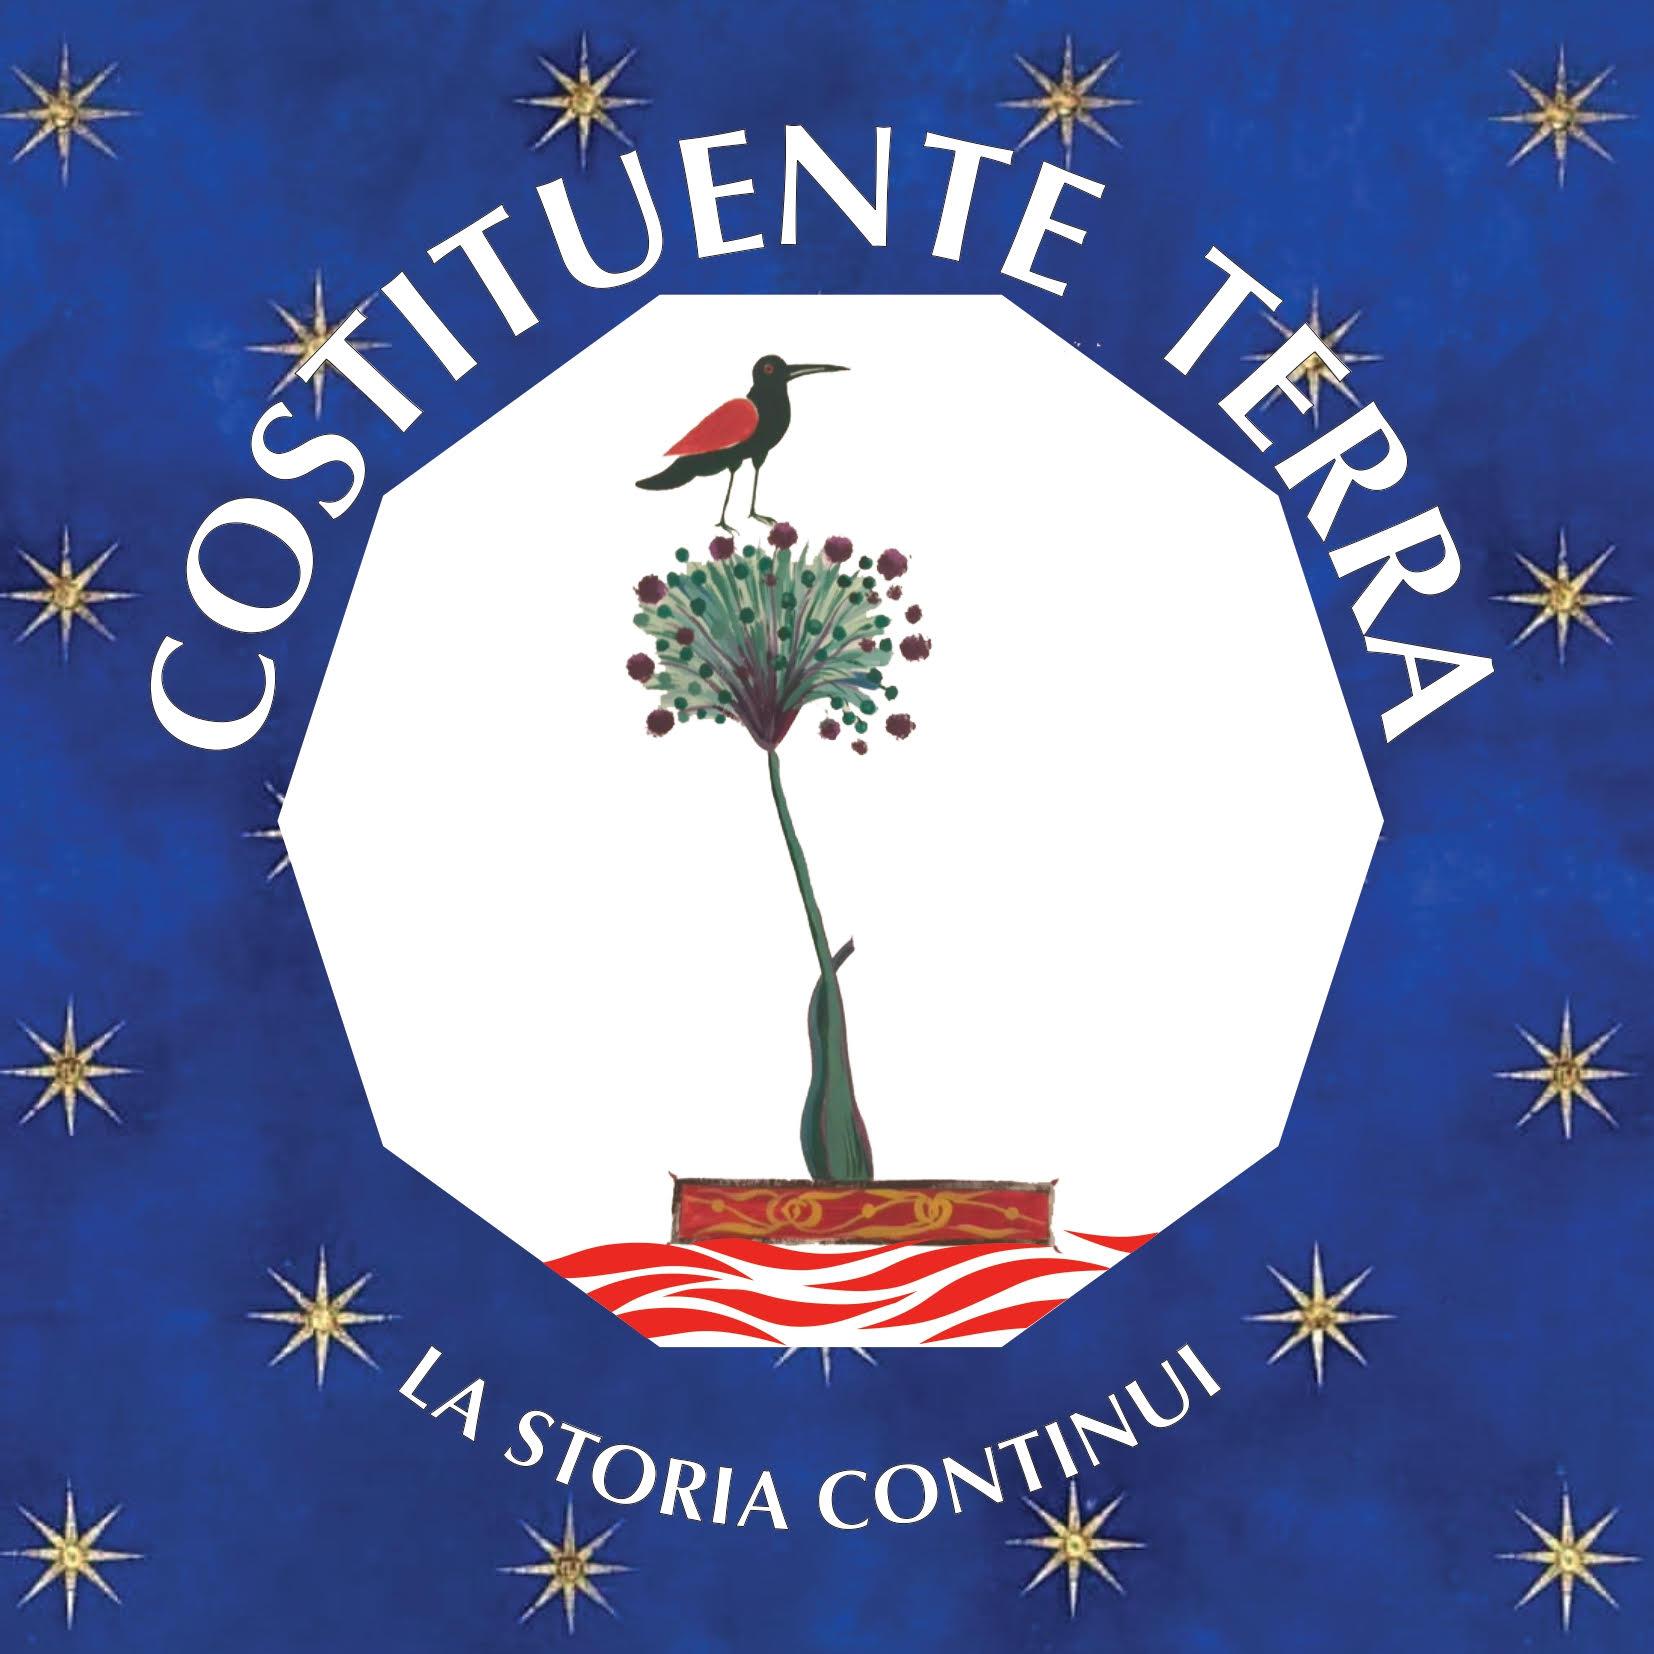 costituente-terra-logo